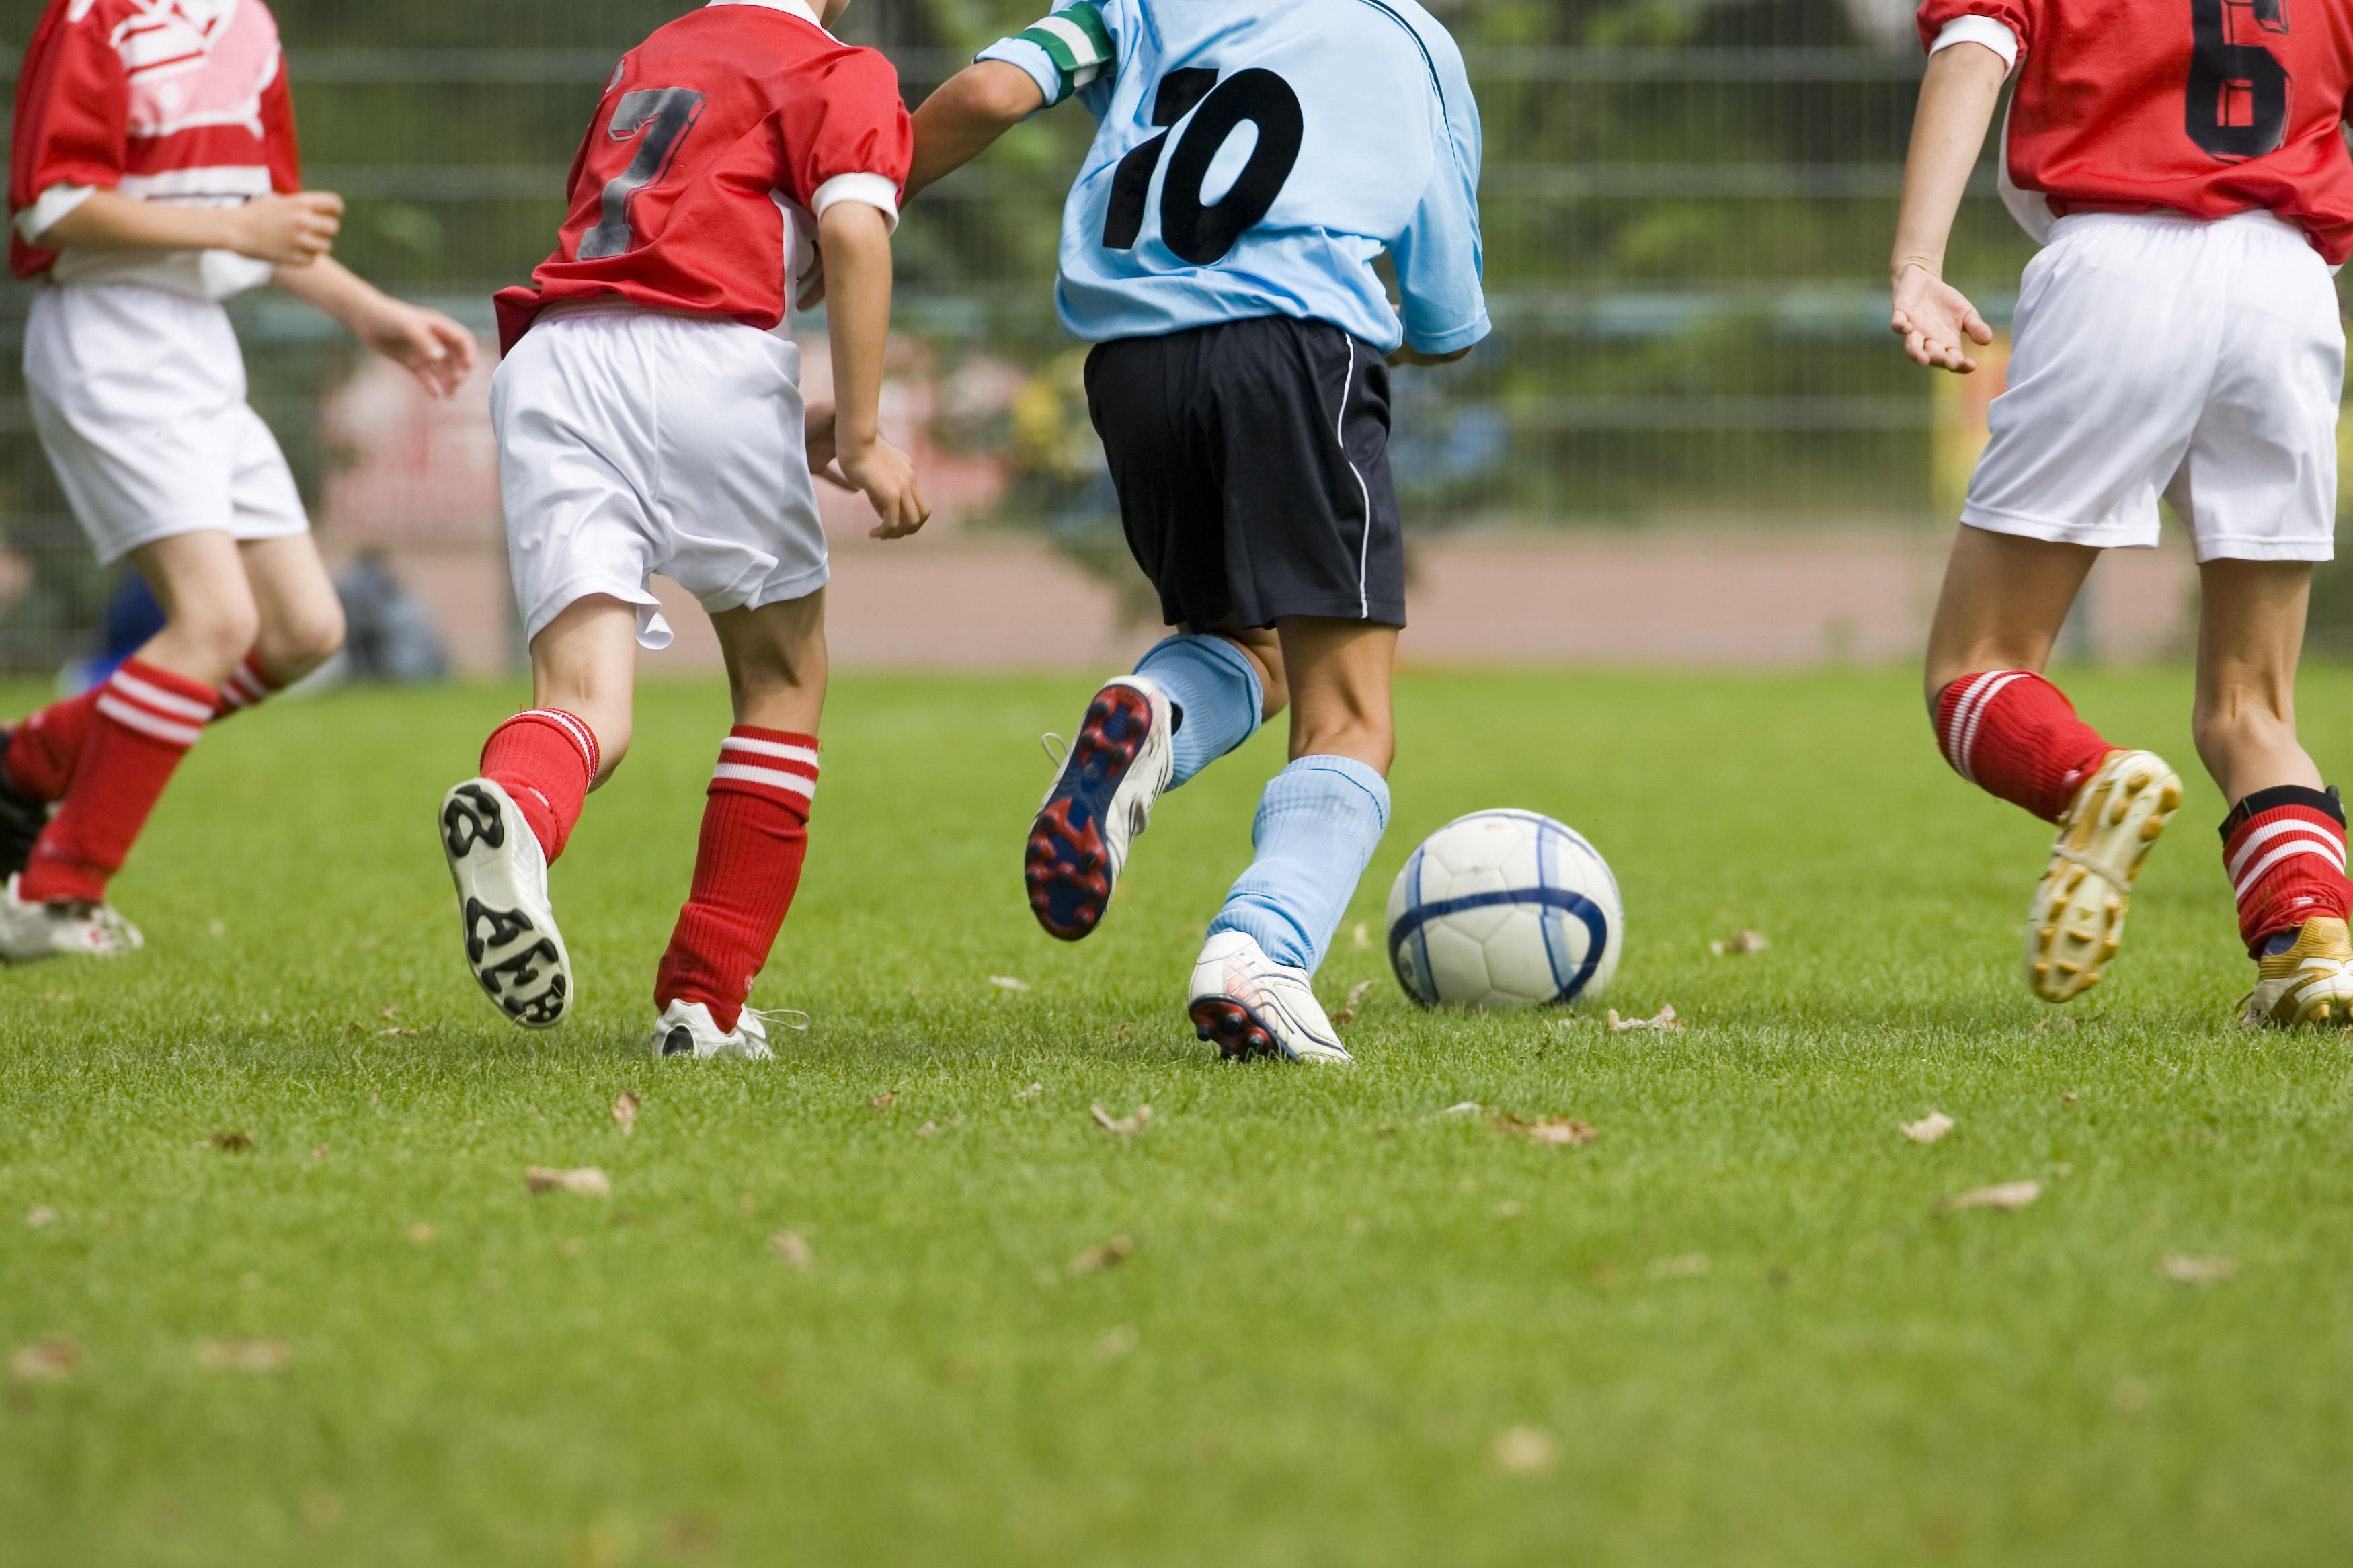 dieta e nutrizione per i giocatori di calcio